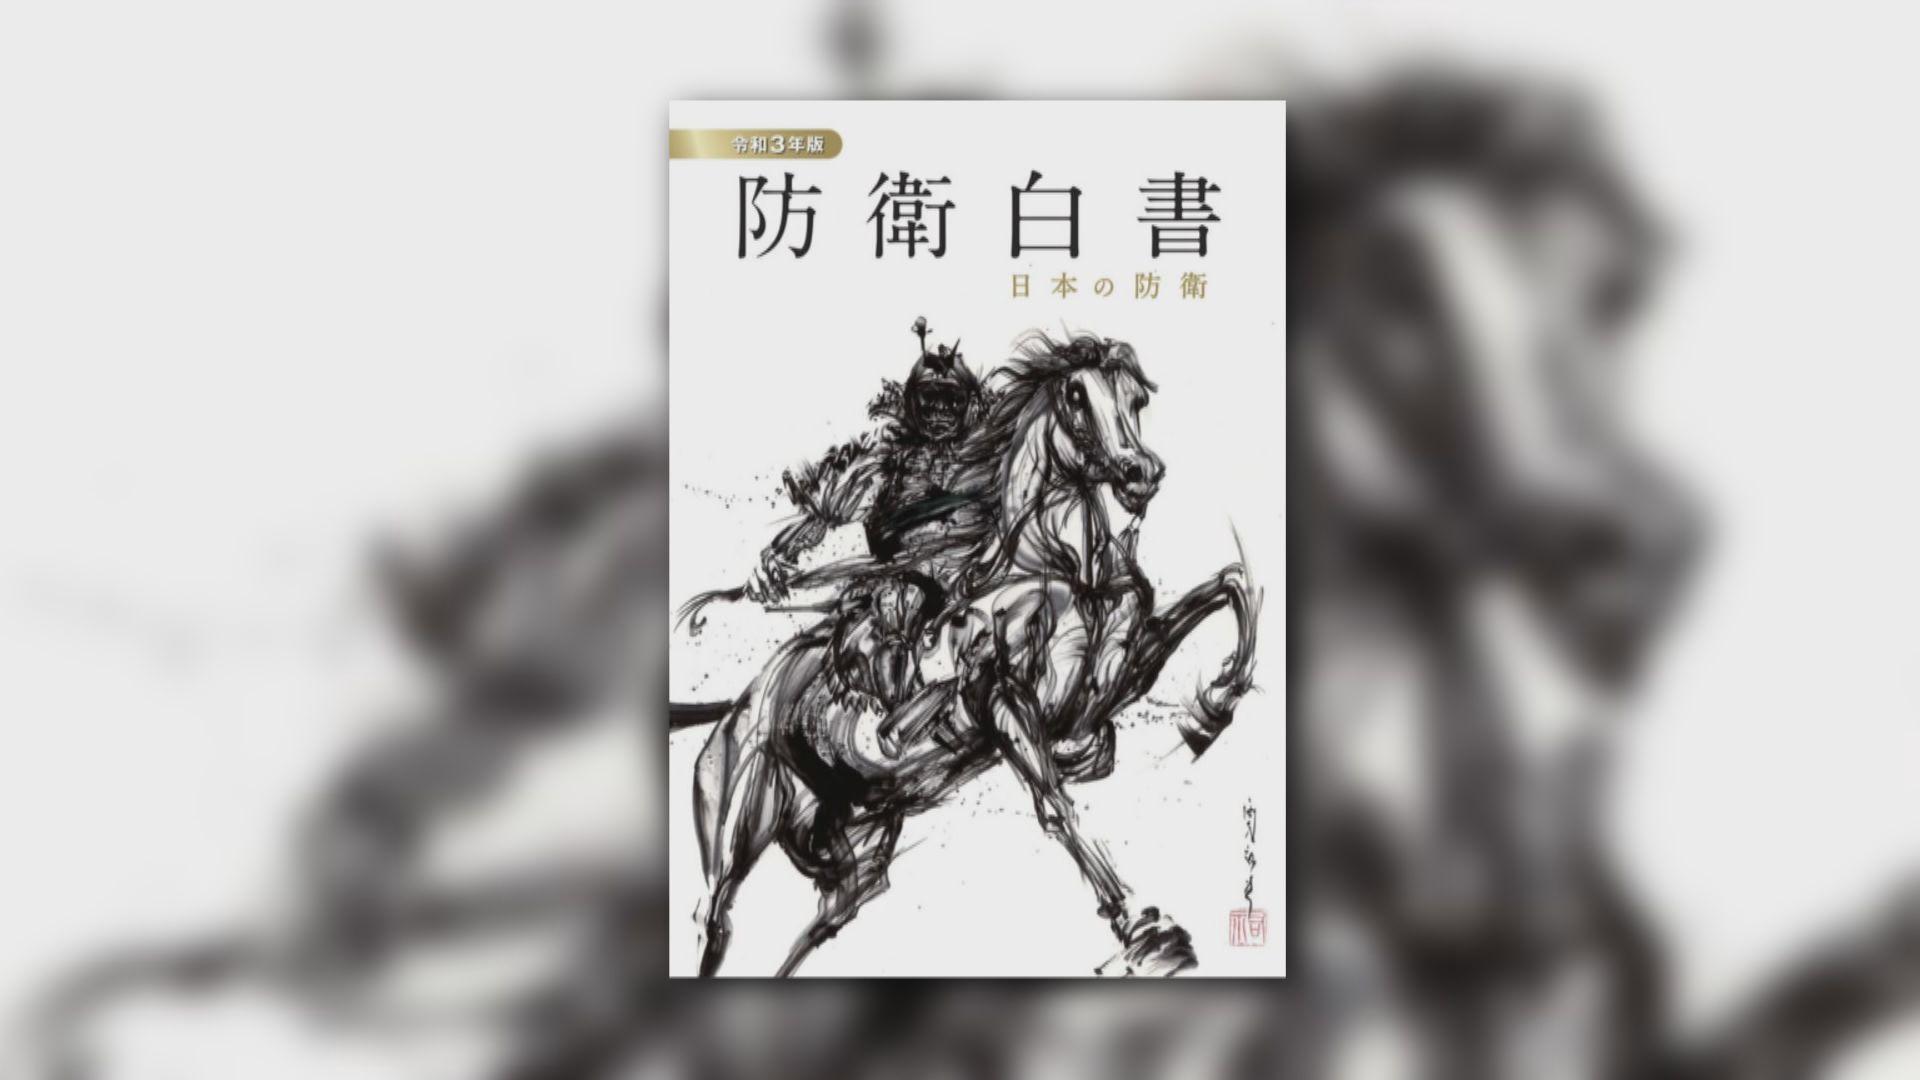 日本防衛白皮書首次明確提及台灣局勢穩定的重要性